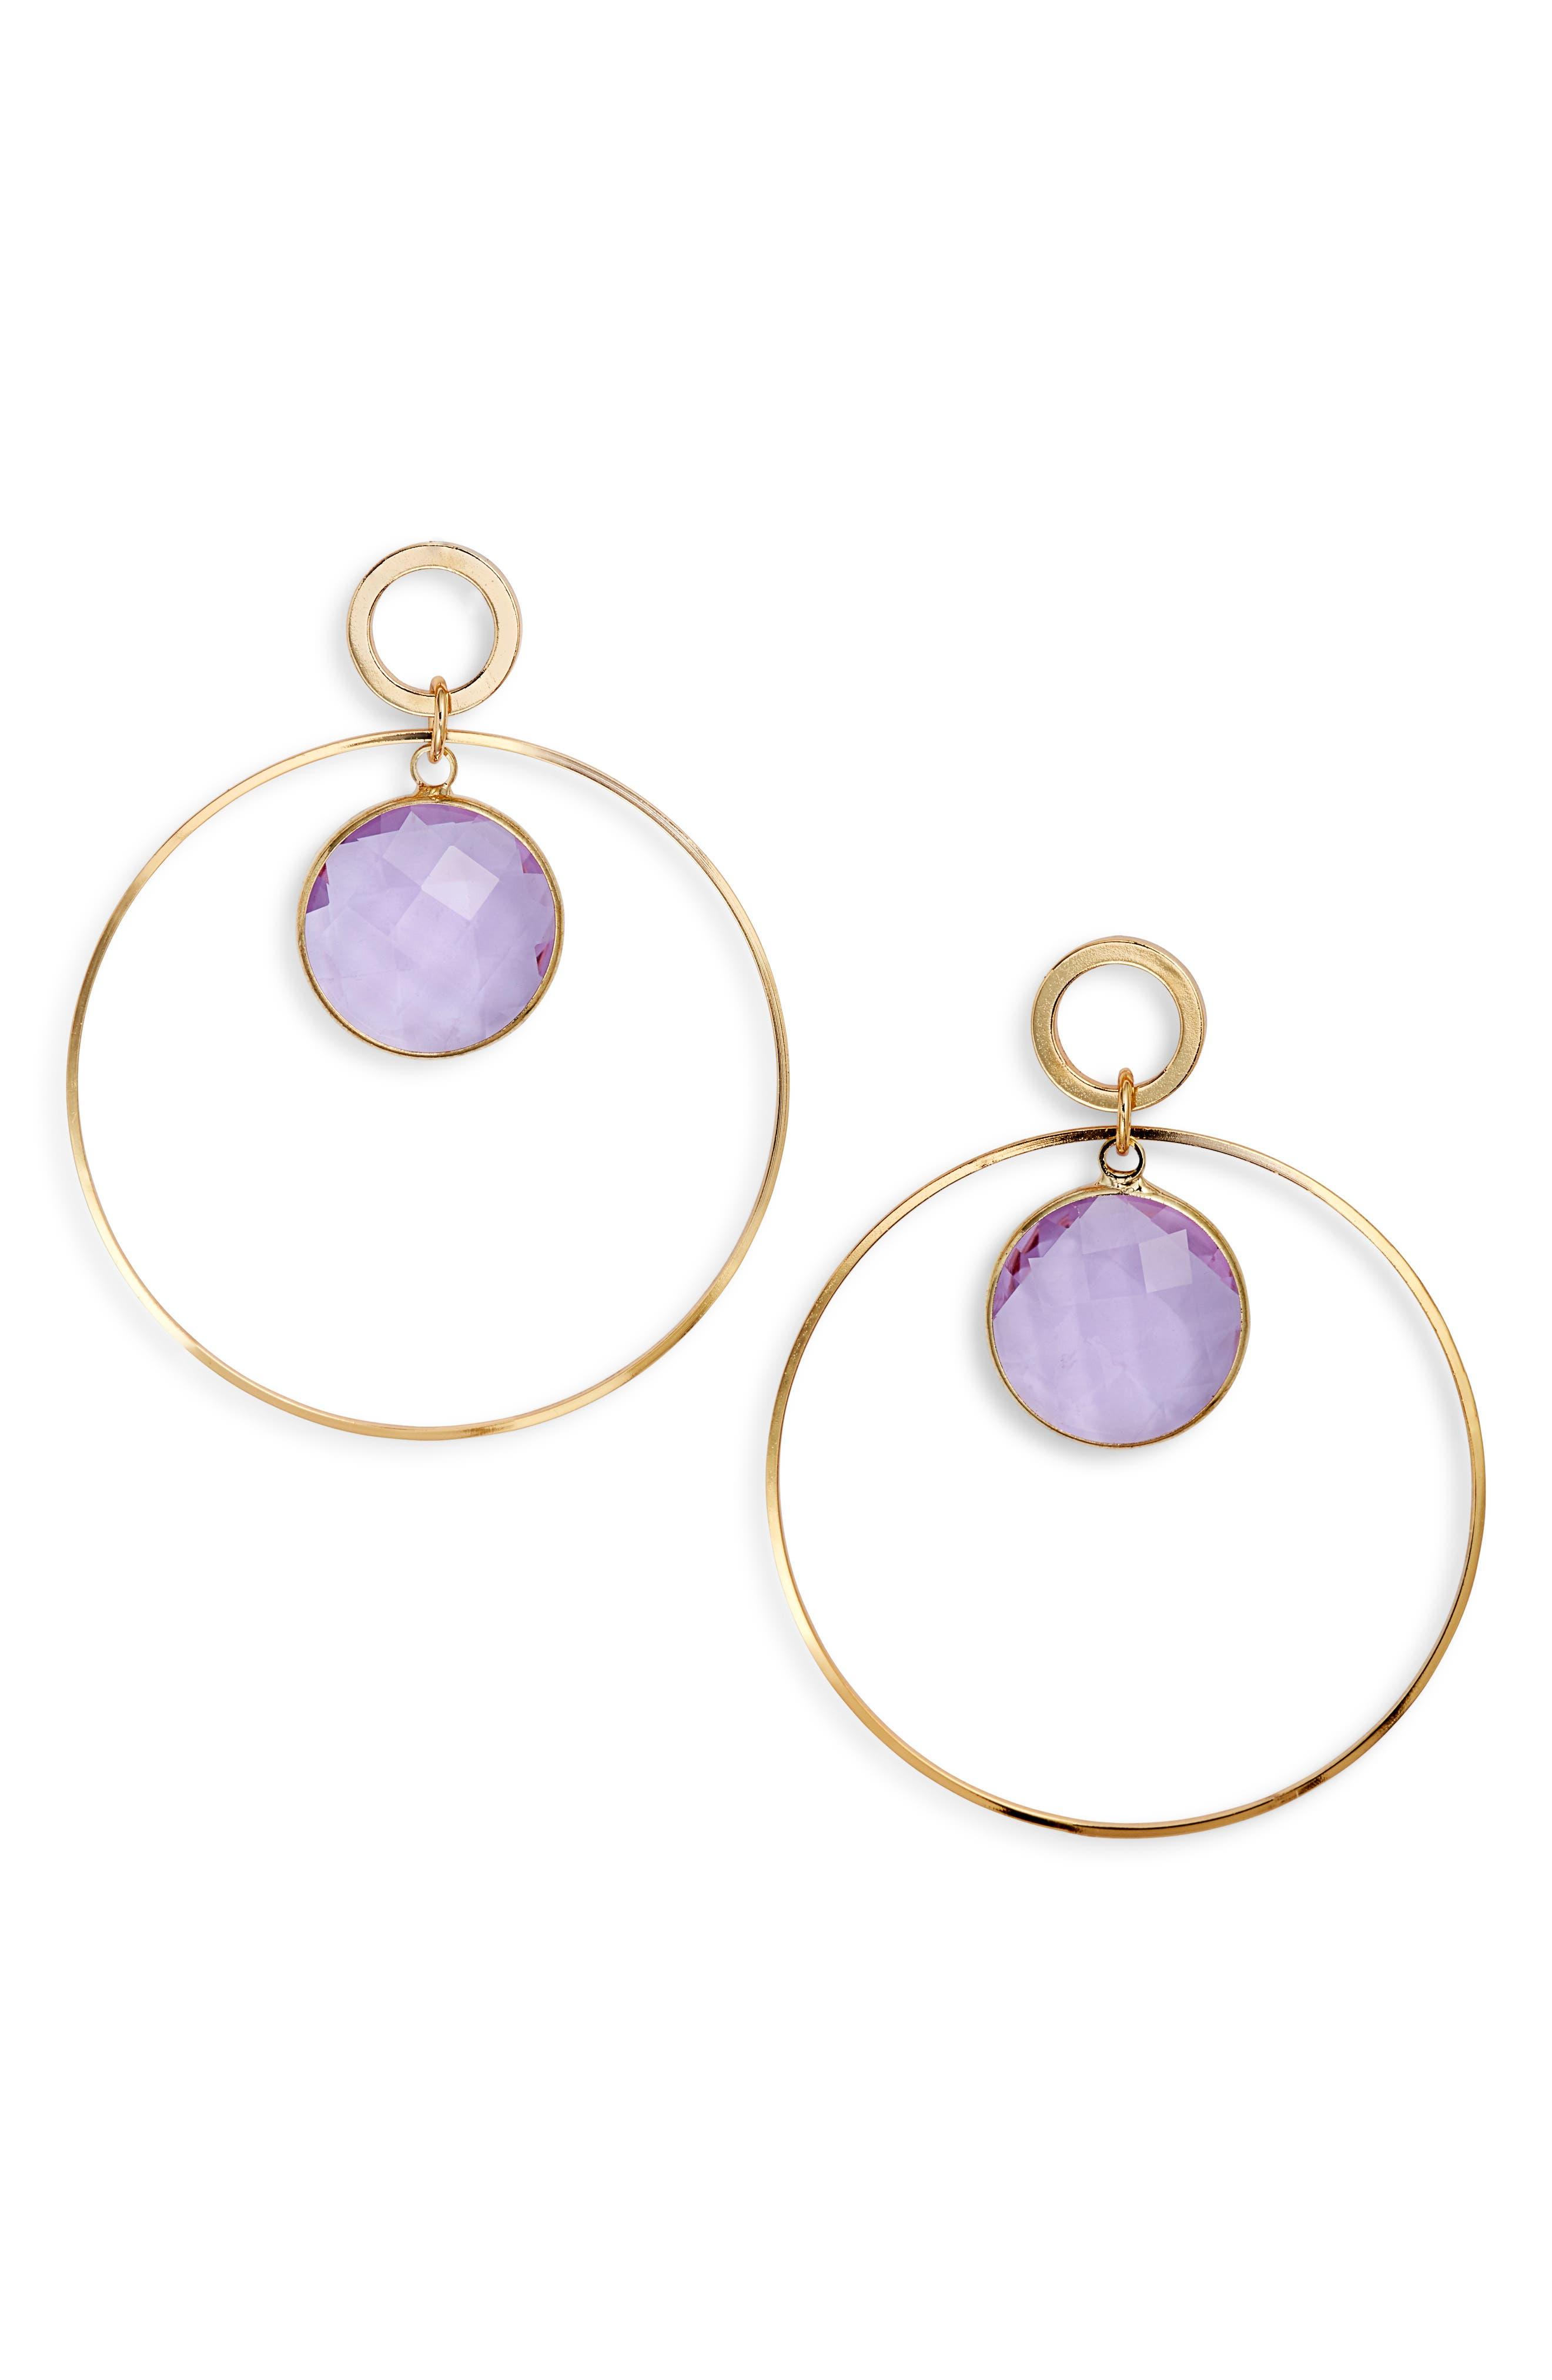 ELISE M. Crystal Hoop Earrings in Gold/ Amethyst